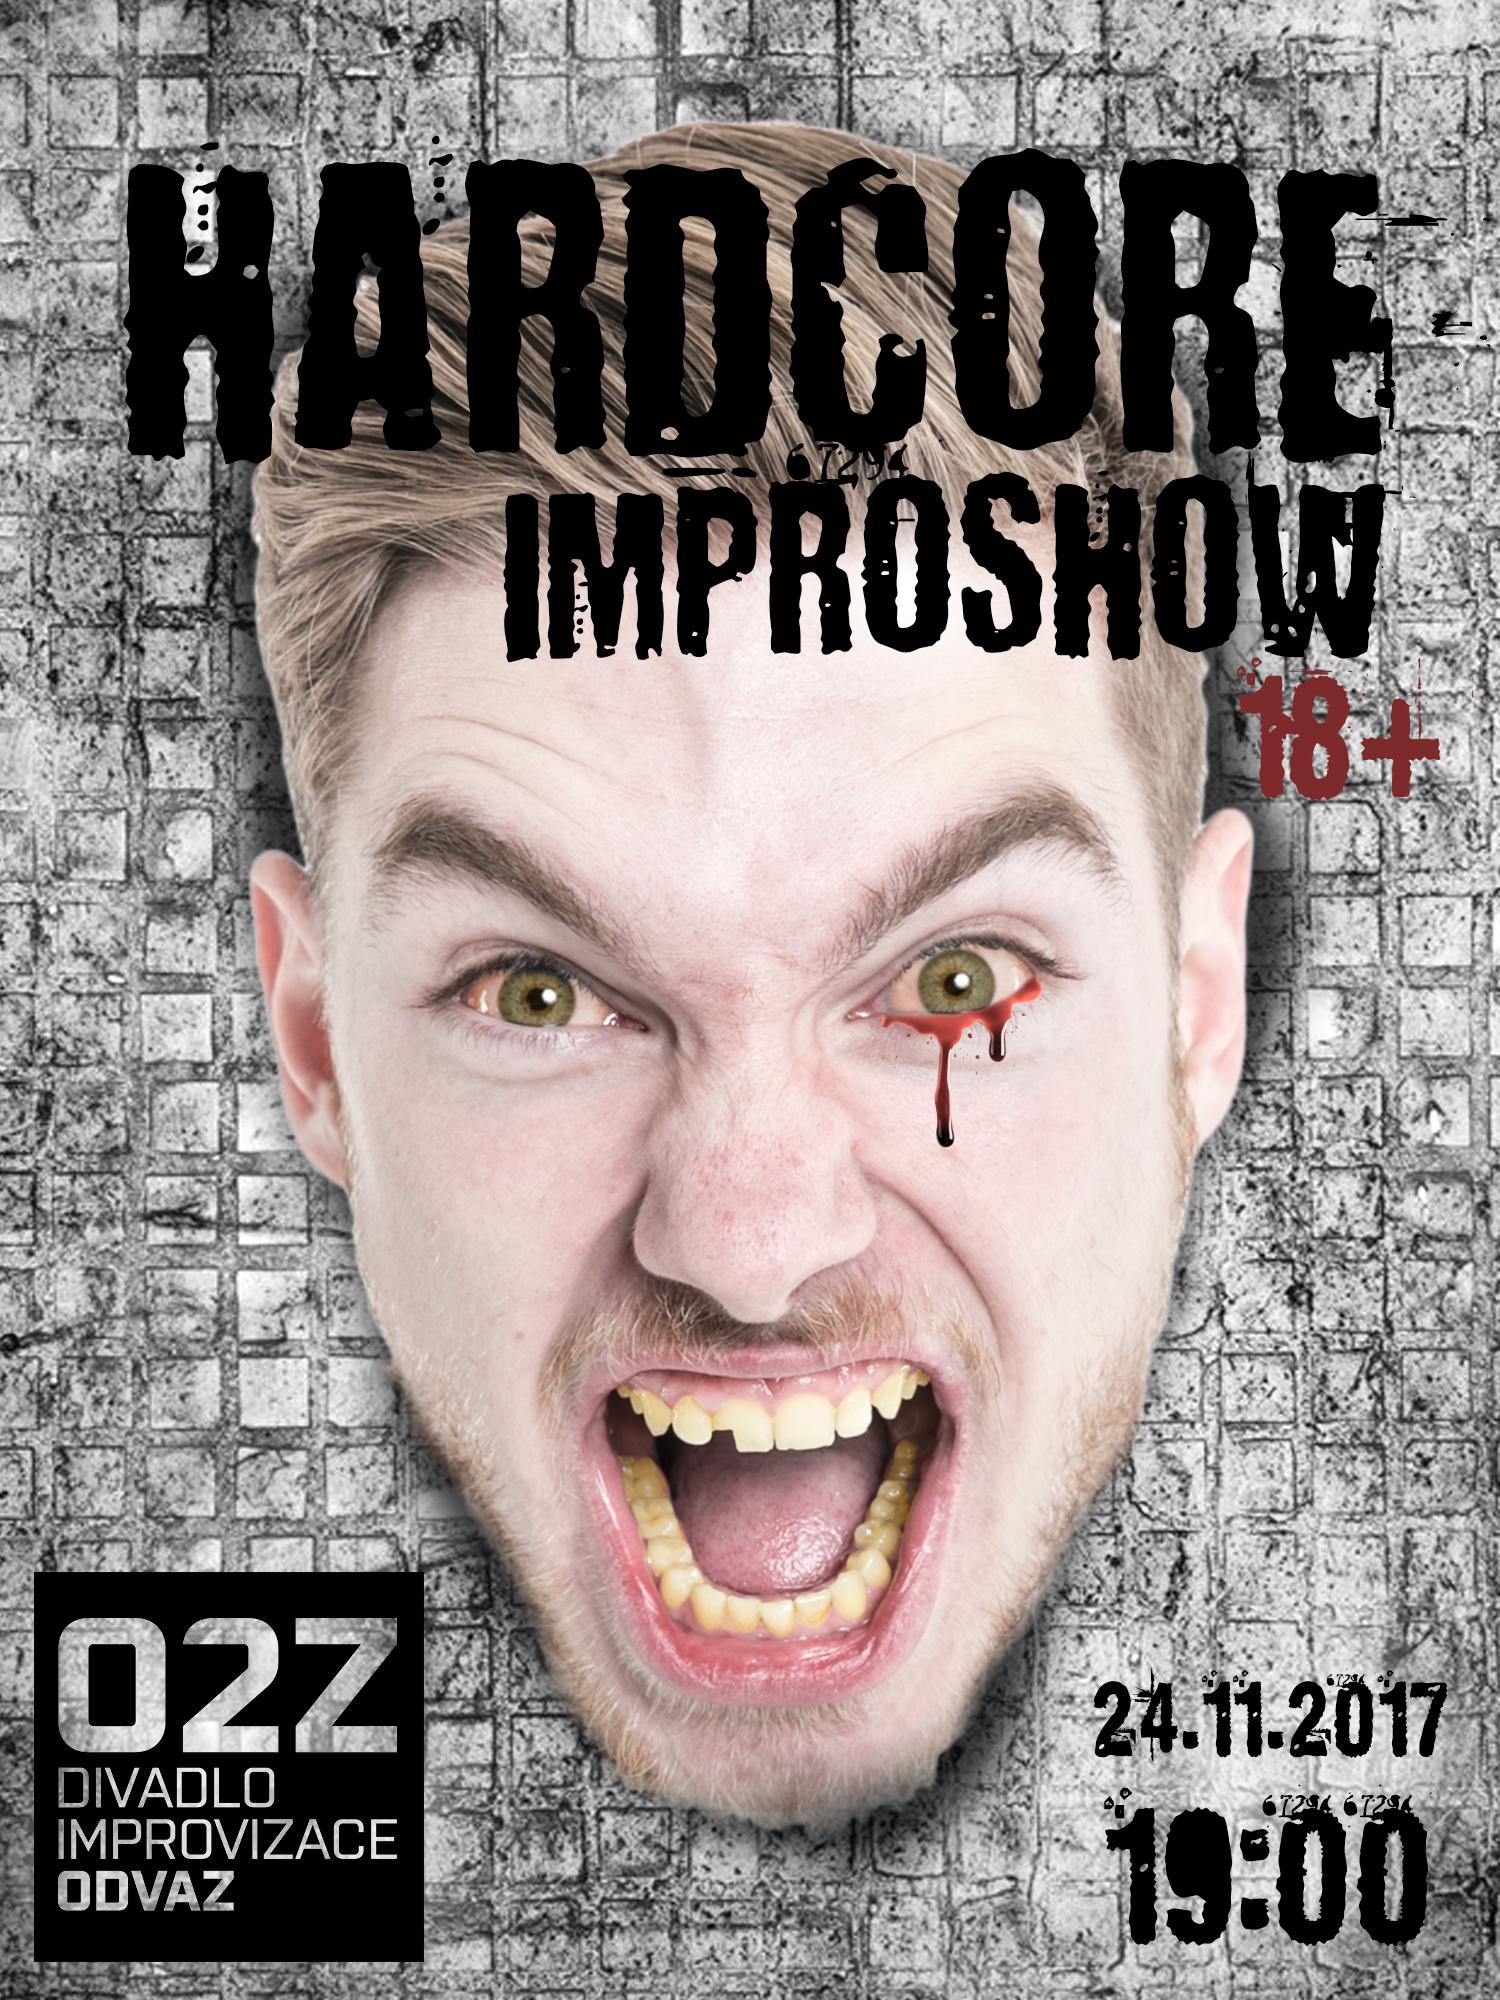 HARDCORE Improshow